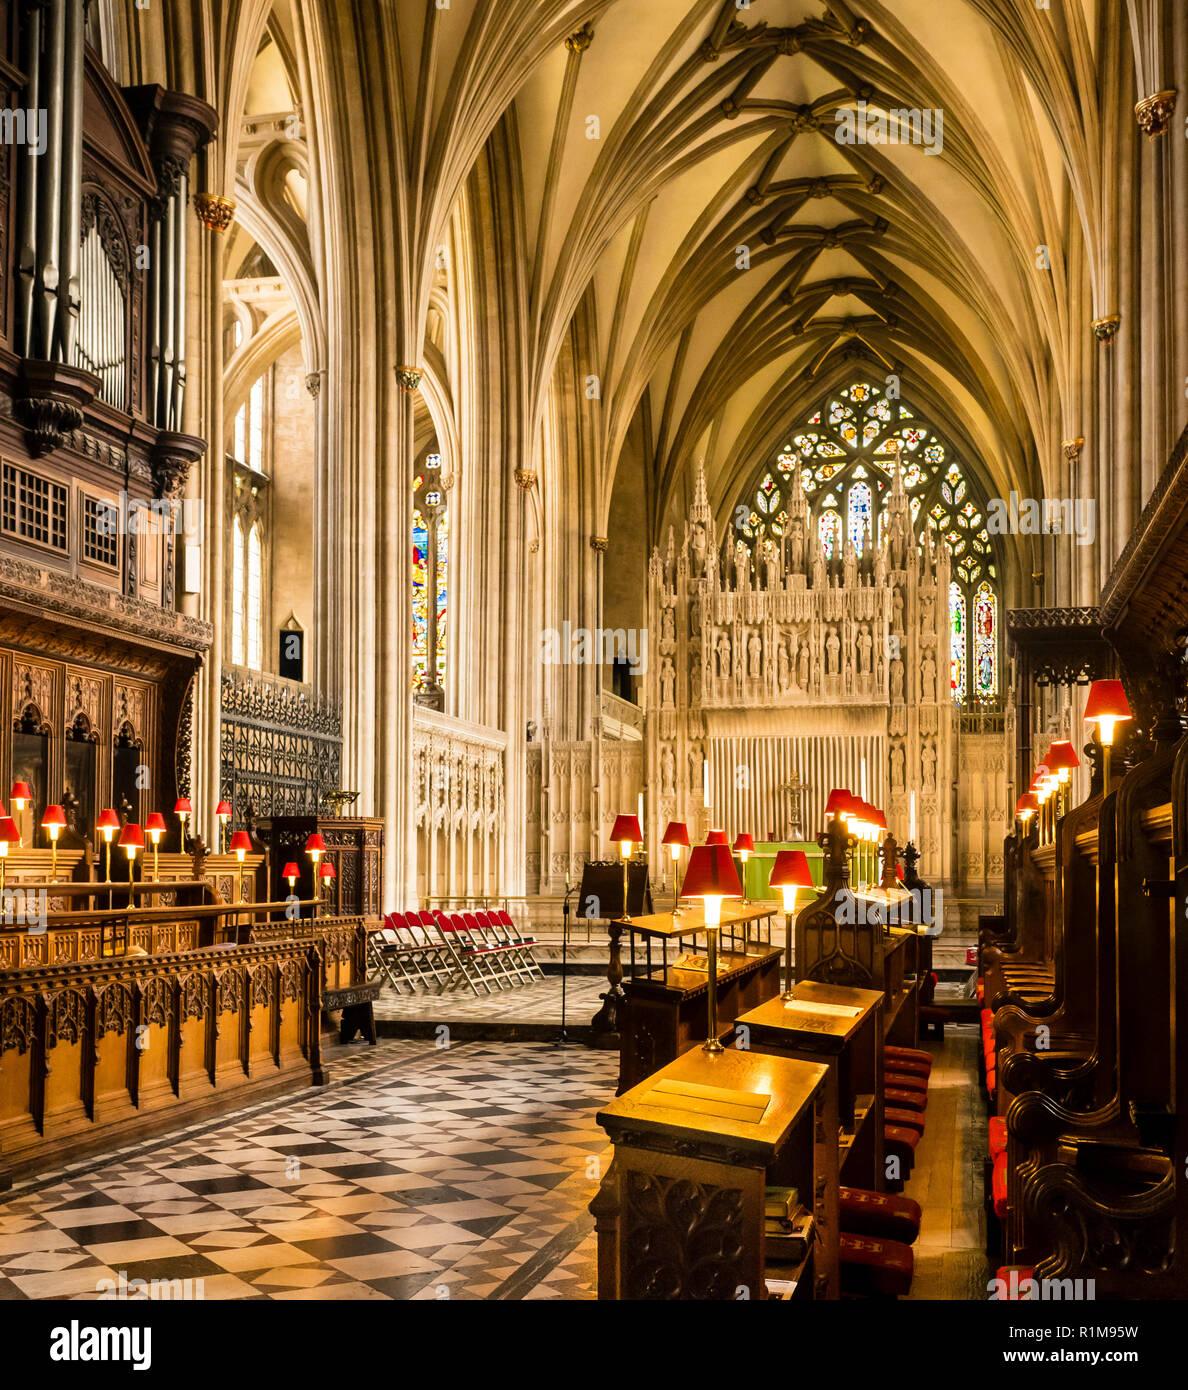 Los retablos, alterar, y de la Cancillería de la Catedral de Bristol Foto de stock